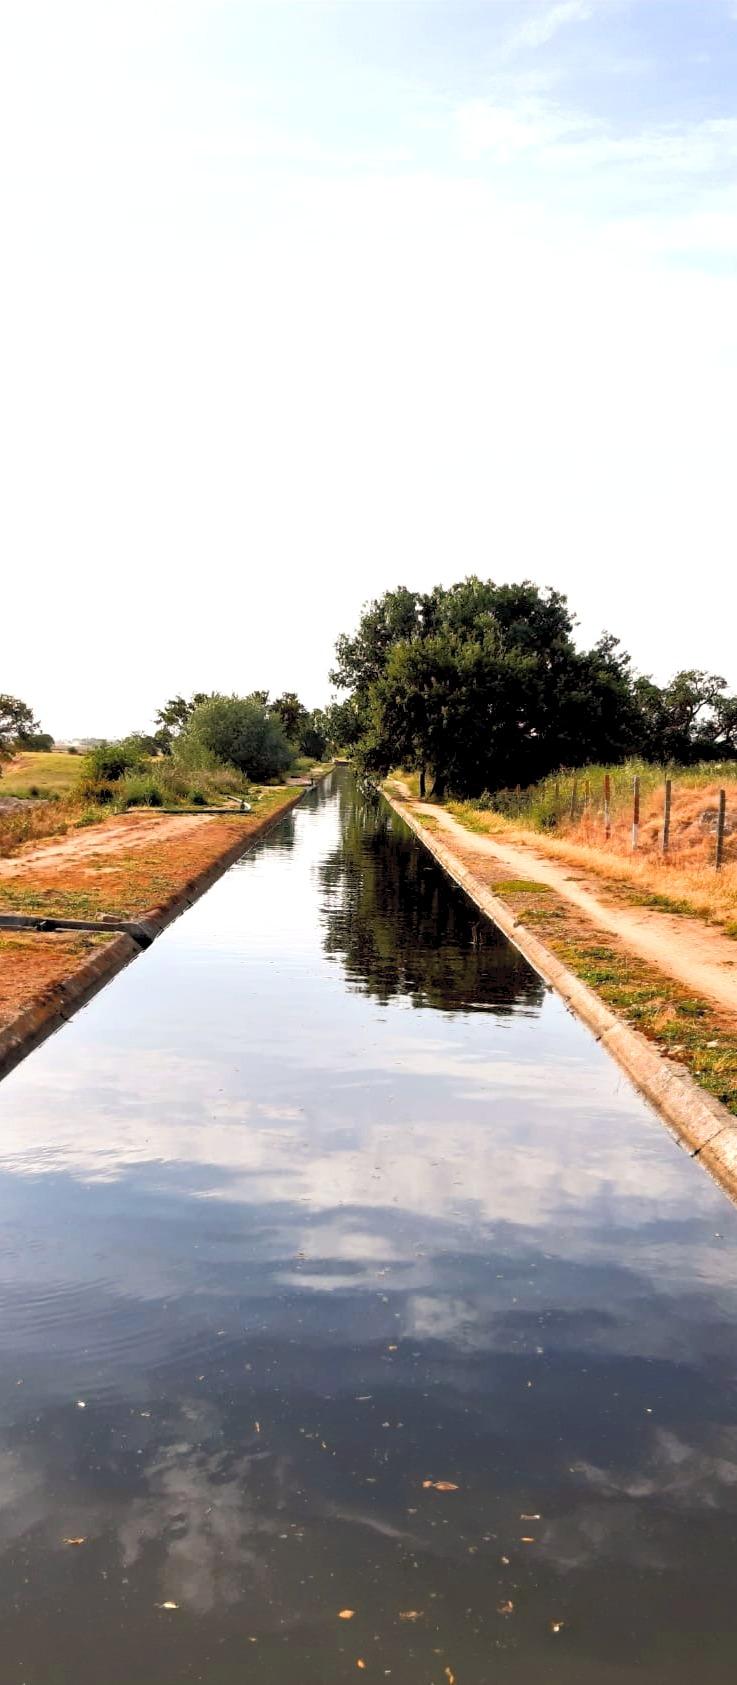 Canal de água para campos de arroz